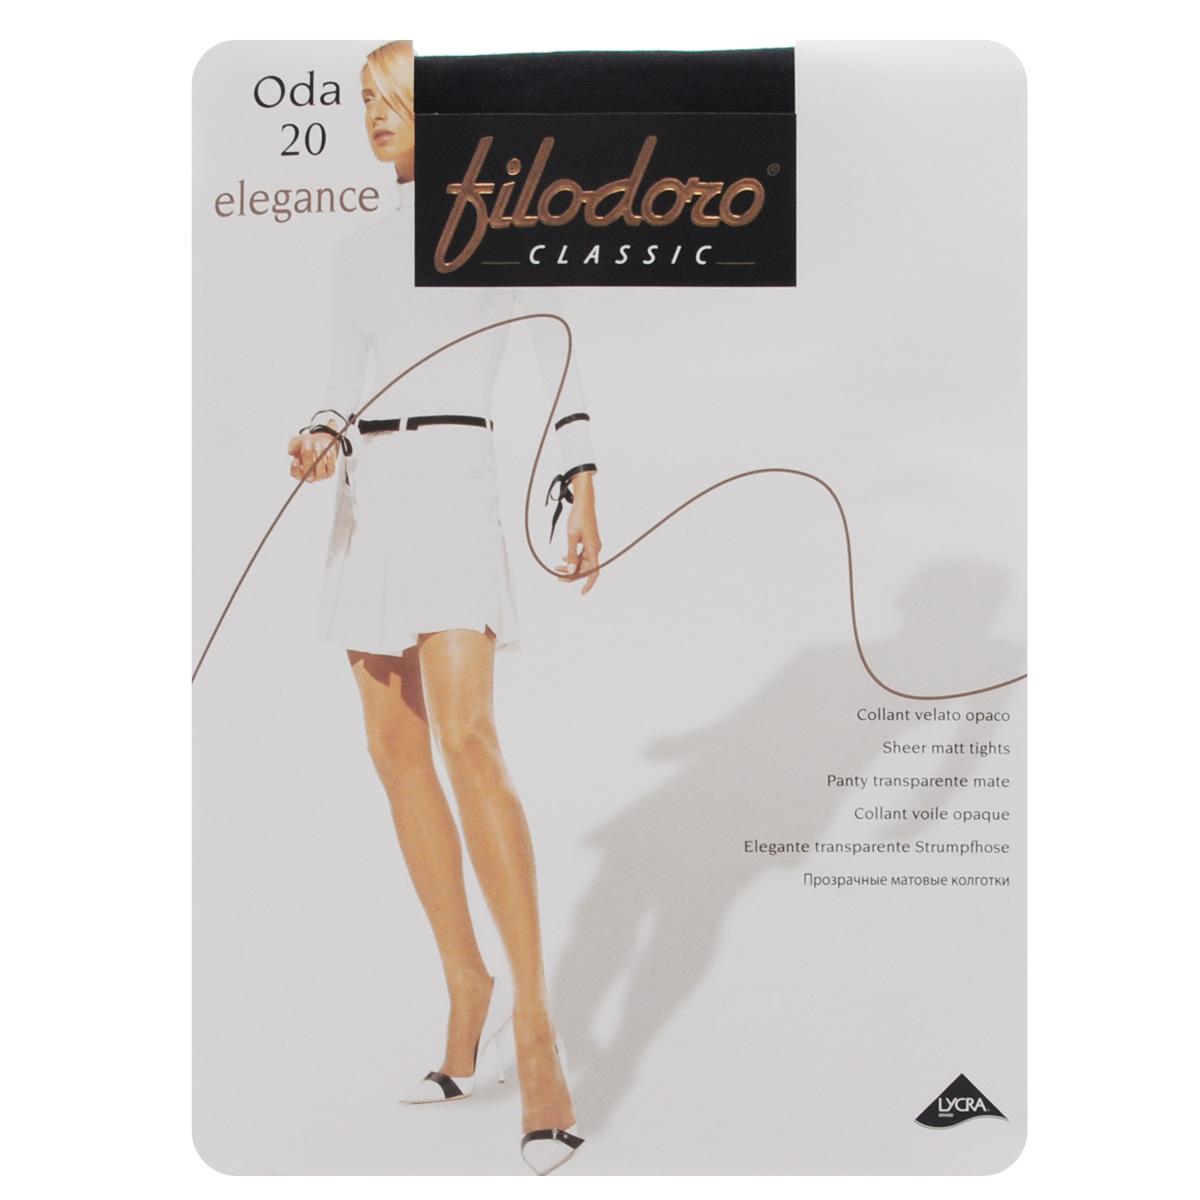 Колготки женские Filodoro Classic Oda 20 Elegance, цвет: Nero (черный). C113127FC. Размер 5 (Maxi-XL) колготки filodoro slim control top размер 2 плотность 40 den nero